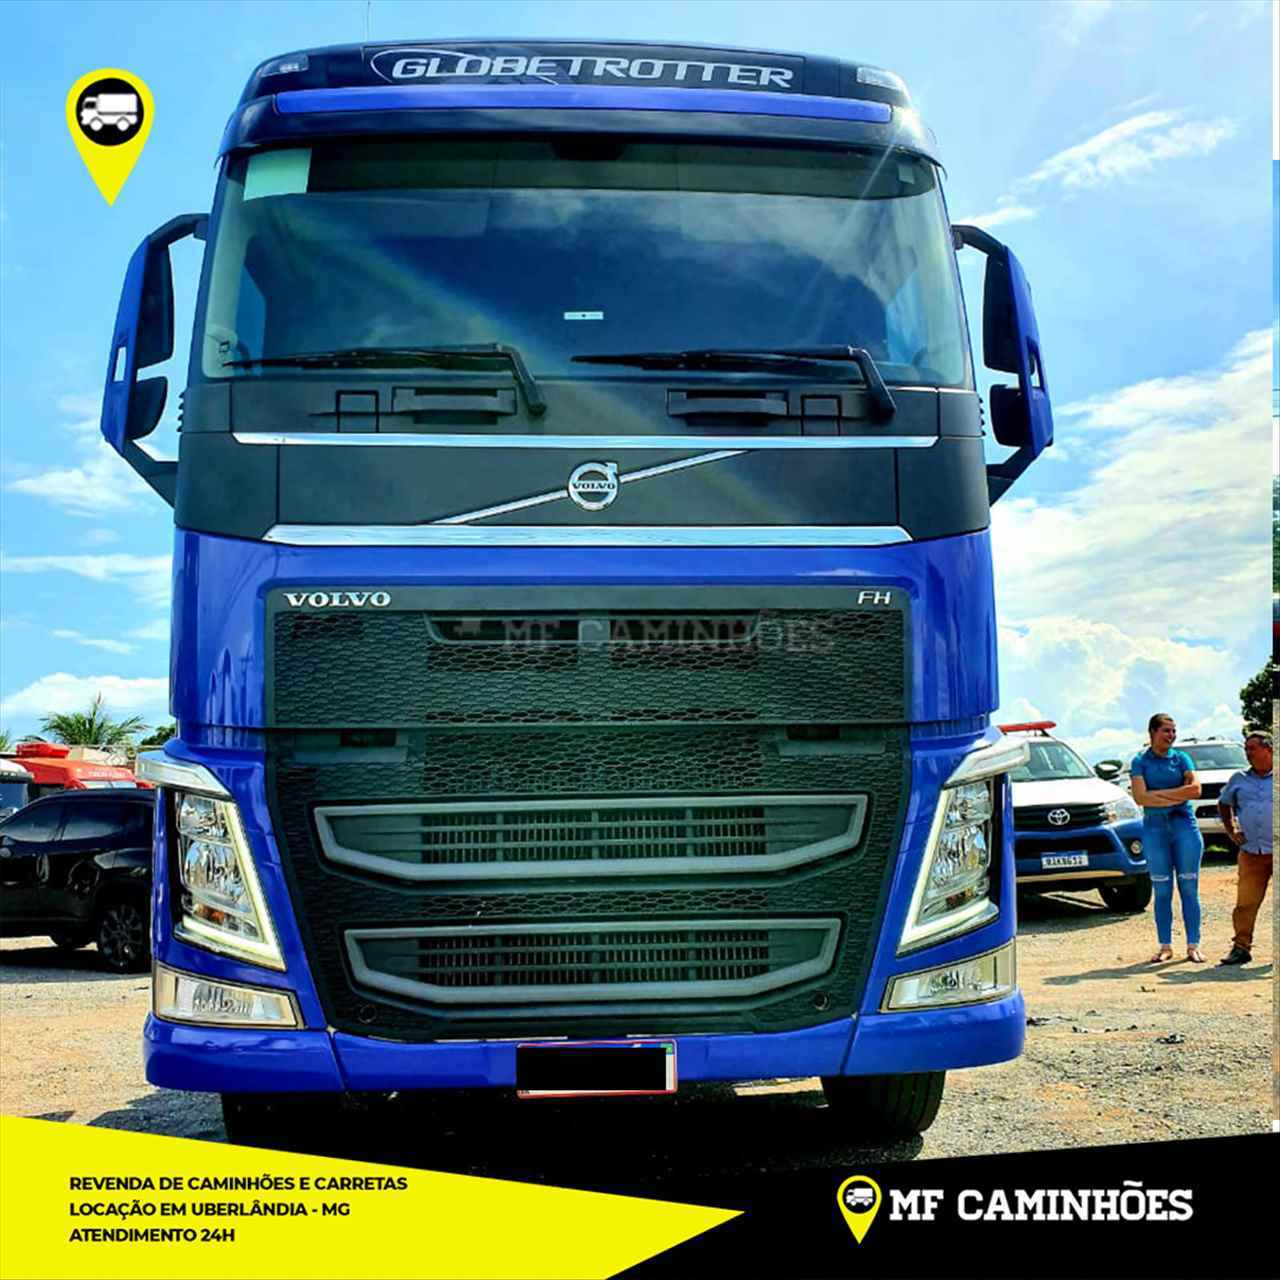 CAMINHAO VOLVO VOLVO FH 460 Cavalo Mecânico Truck 6x2 MF Caminhões UBERLANDIA MINAS GERAIS MG